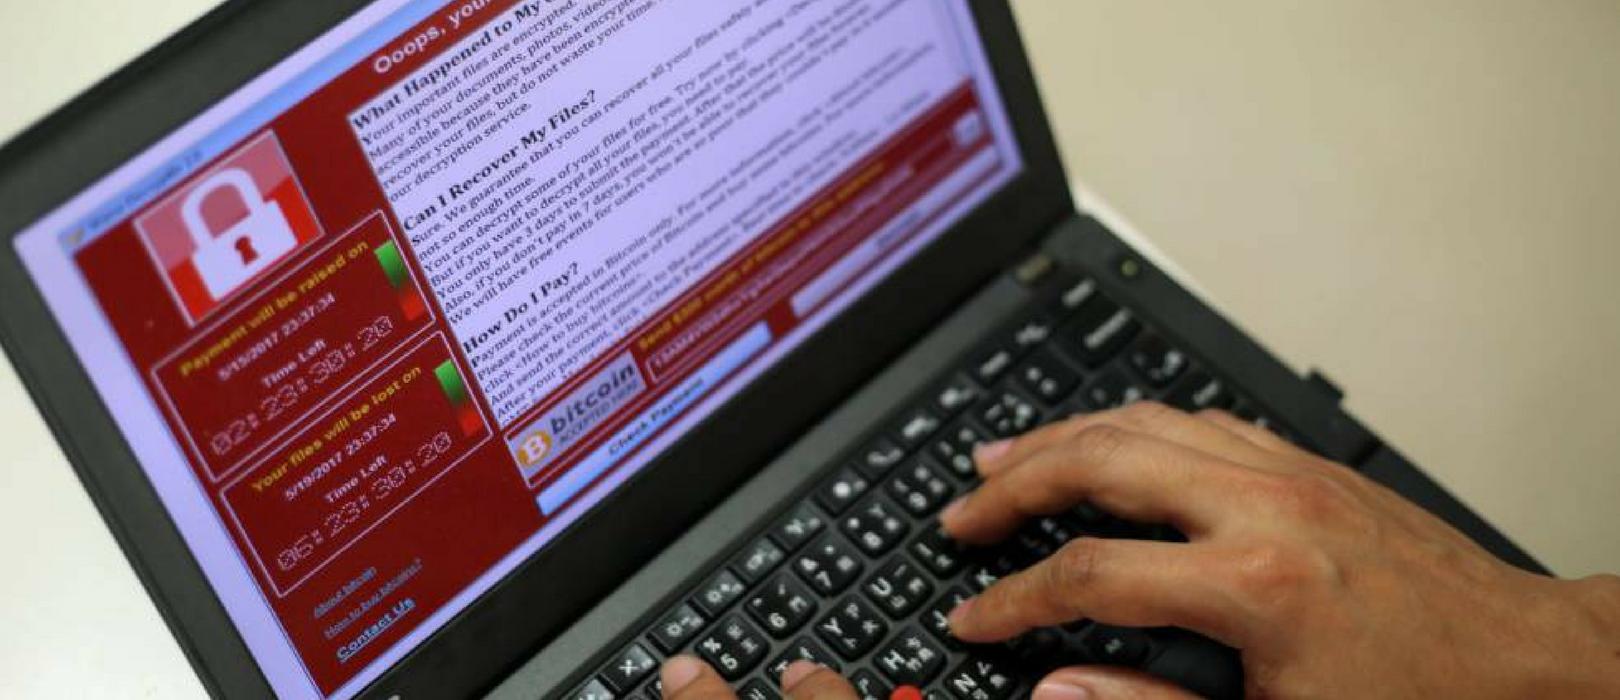 Ciberataques sequestram informações no mundo todo